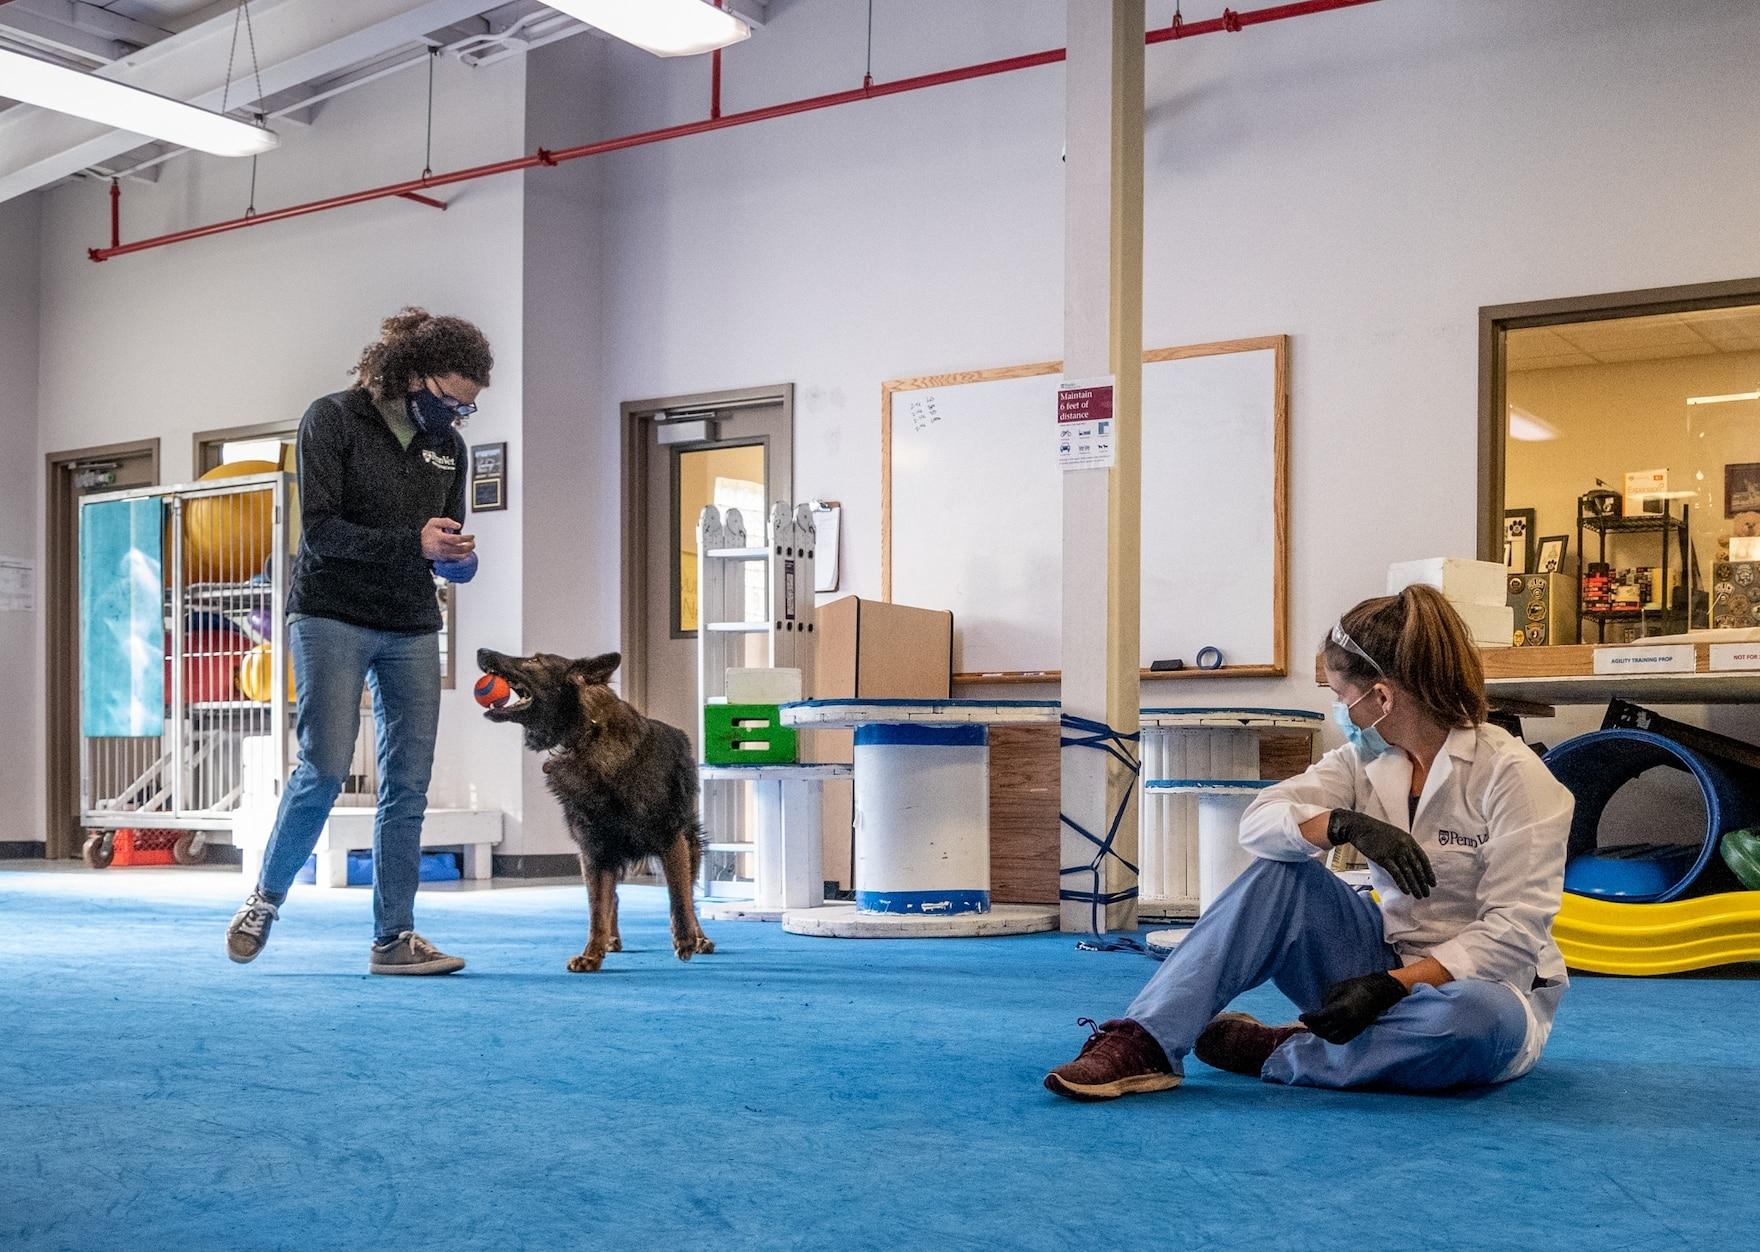 工作犬中心的主任辛西婭.奧托正在訓練德國牧羊犬瑞科。奧托相信,他們總有一天能訓練狗在機場或體育館等公共場所篩檢人類是否罹患COVID-19。